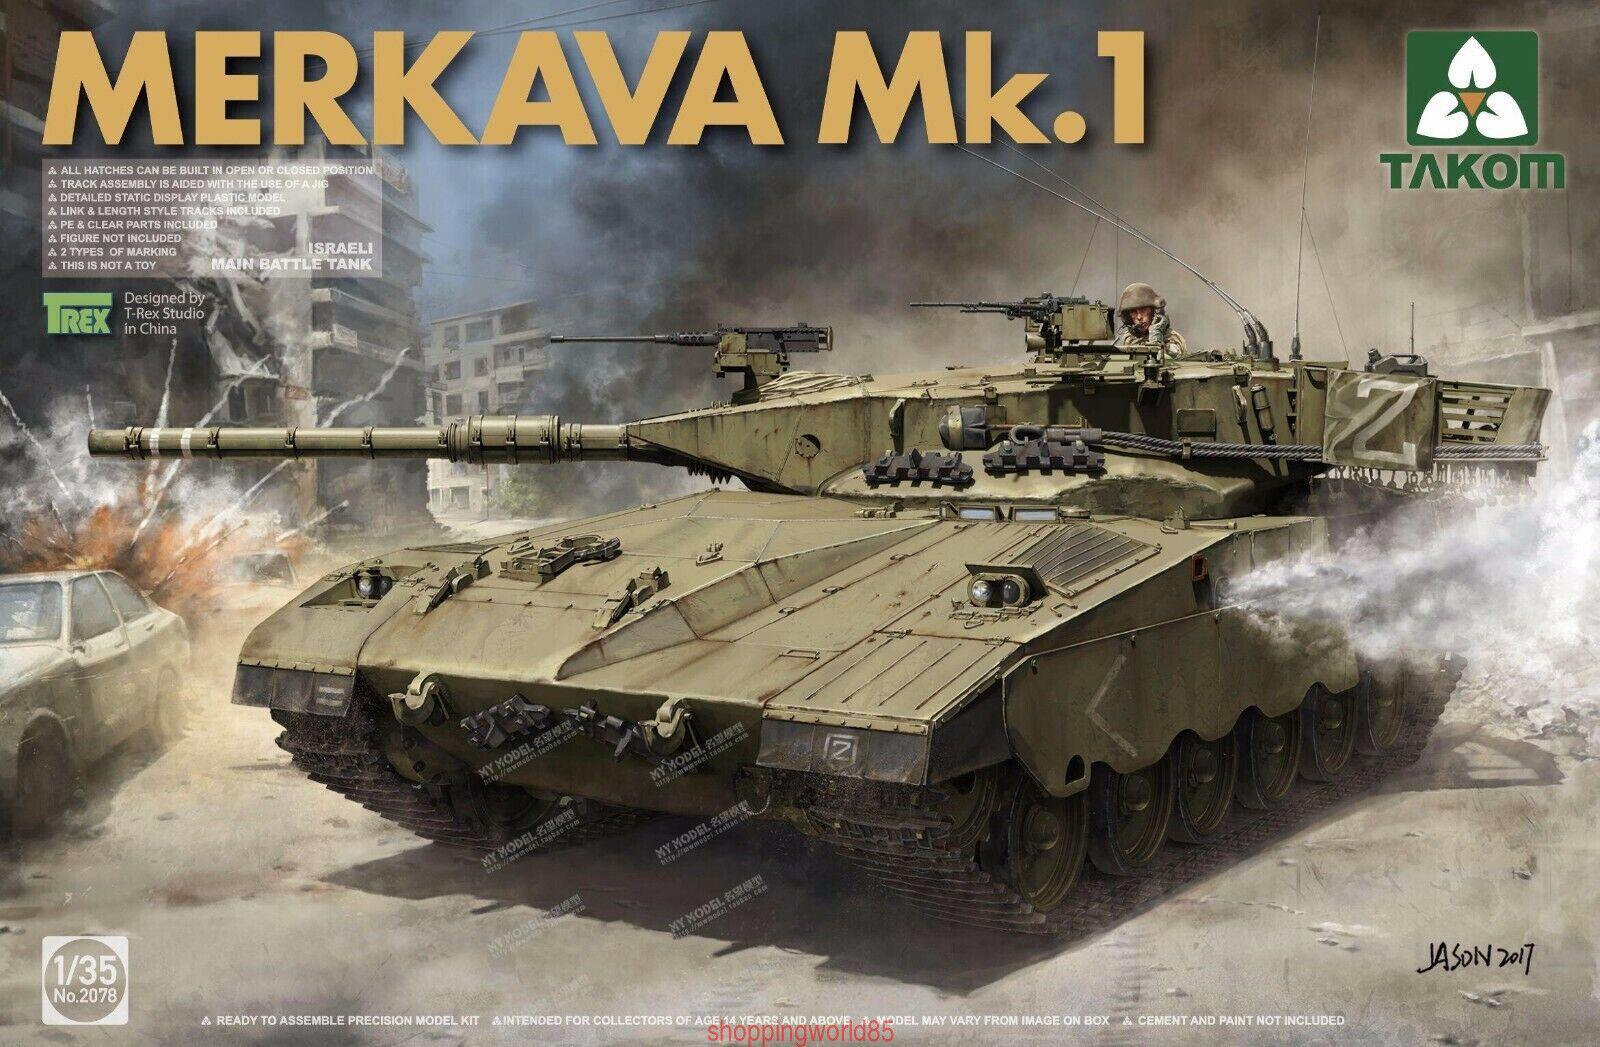 Takom 2078 1 35 IDF Merkava Mk. I